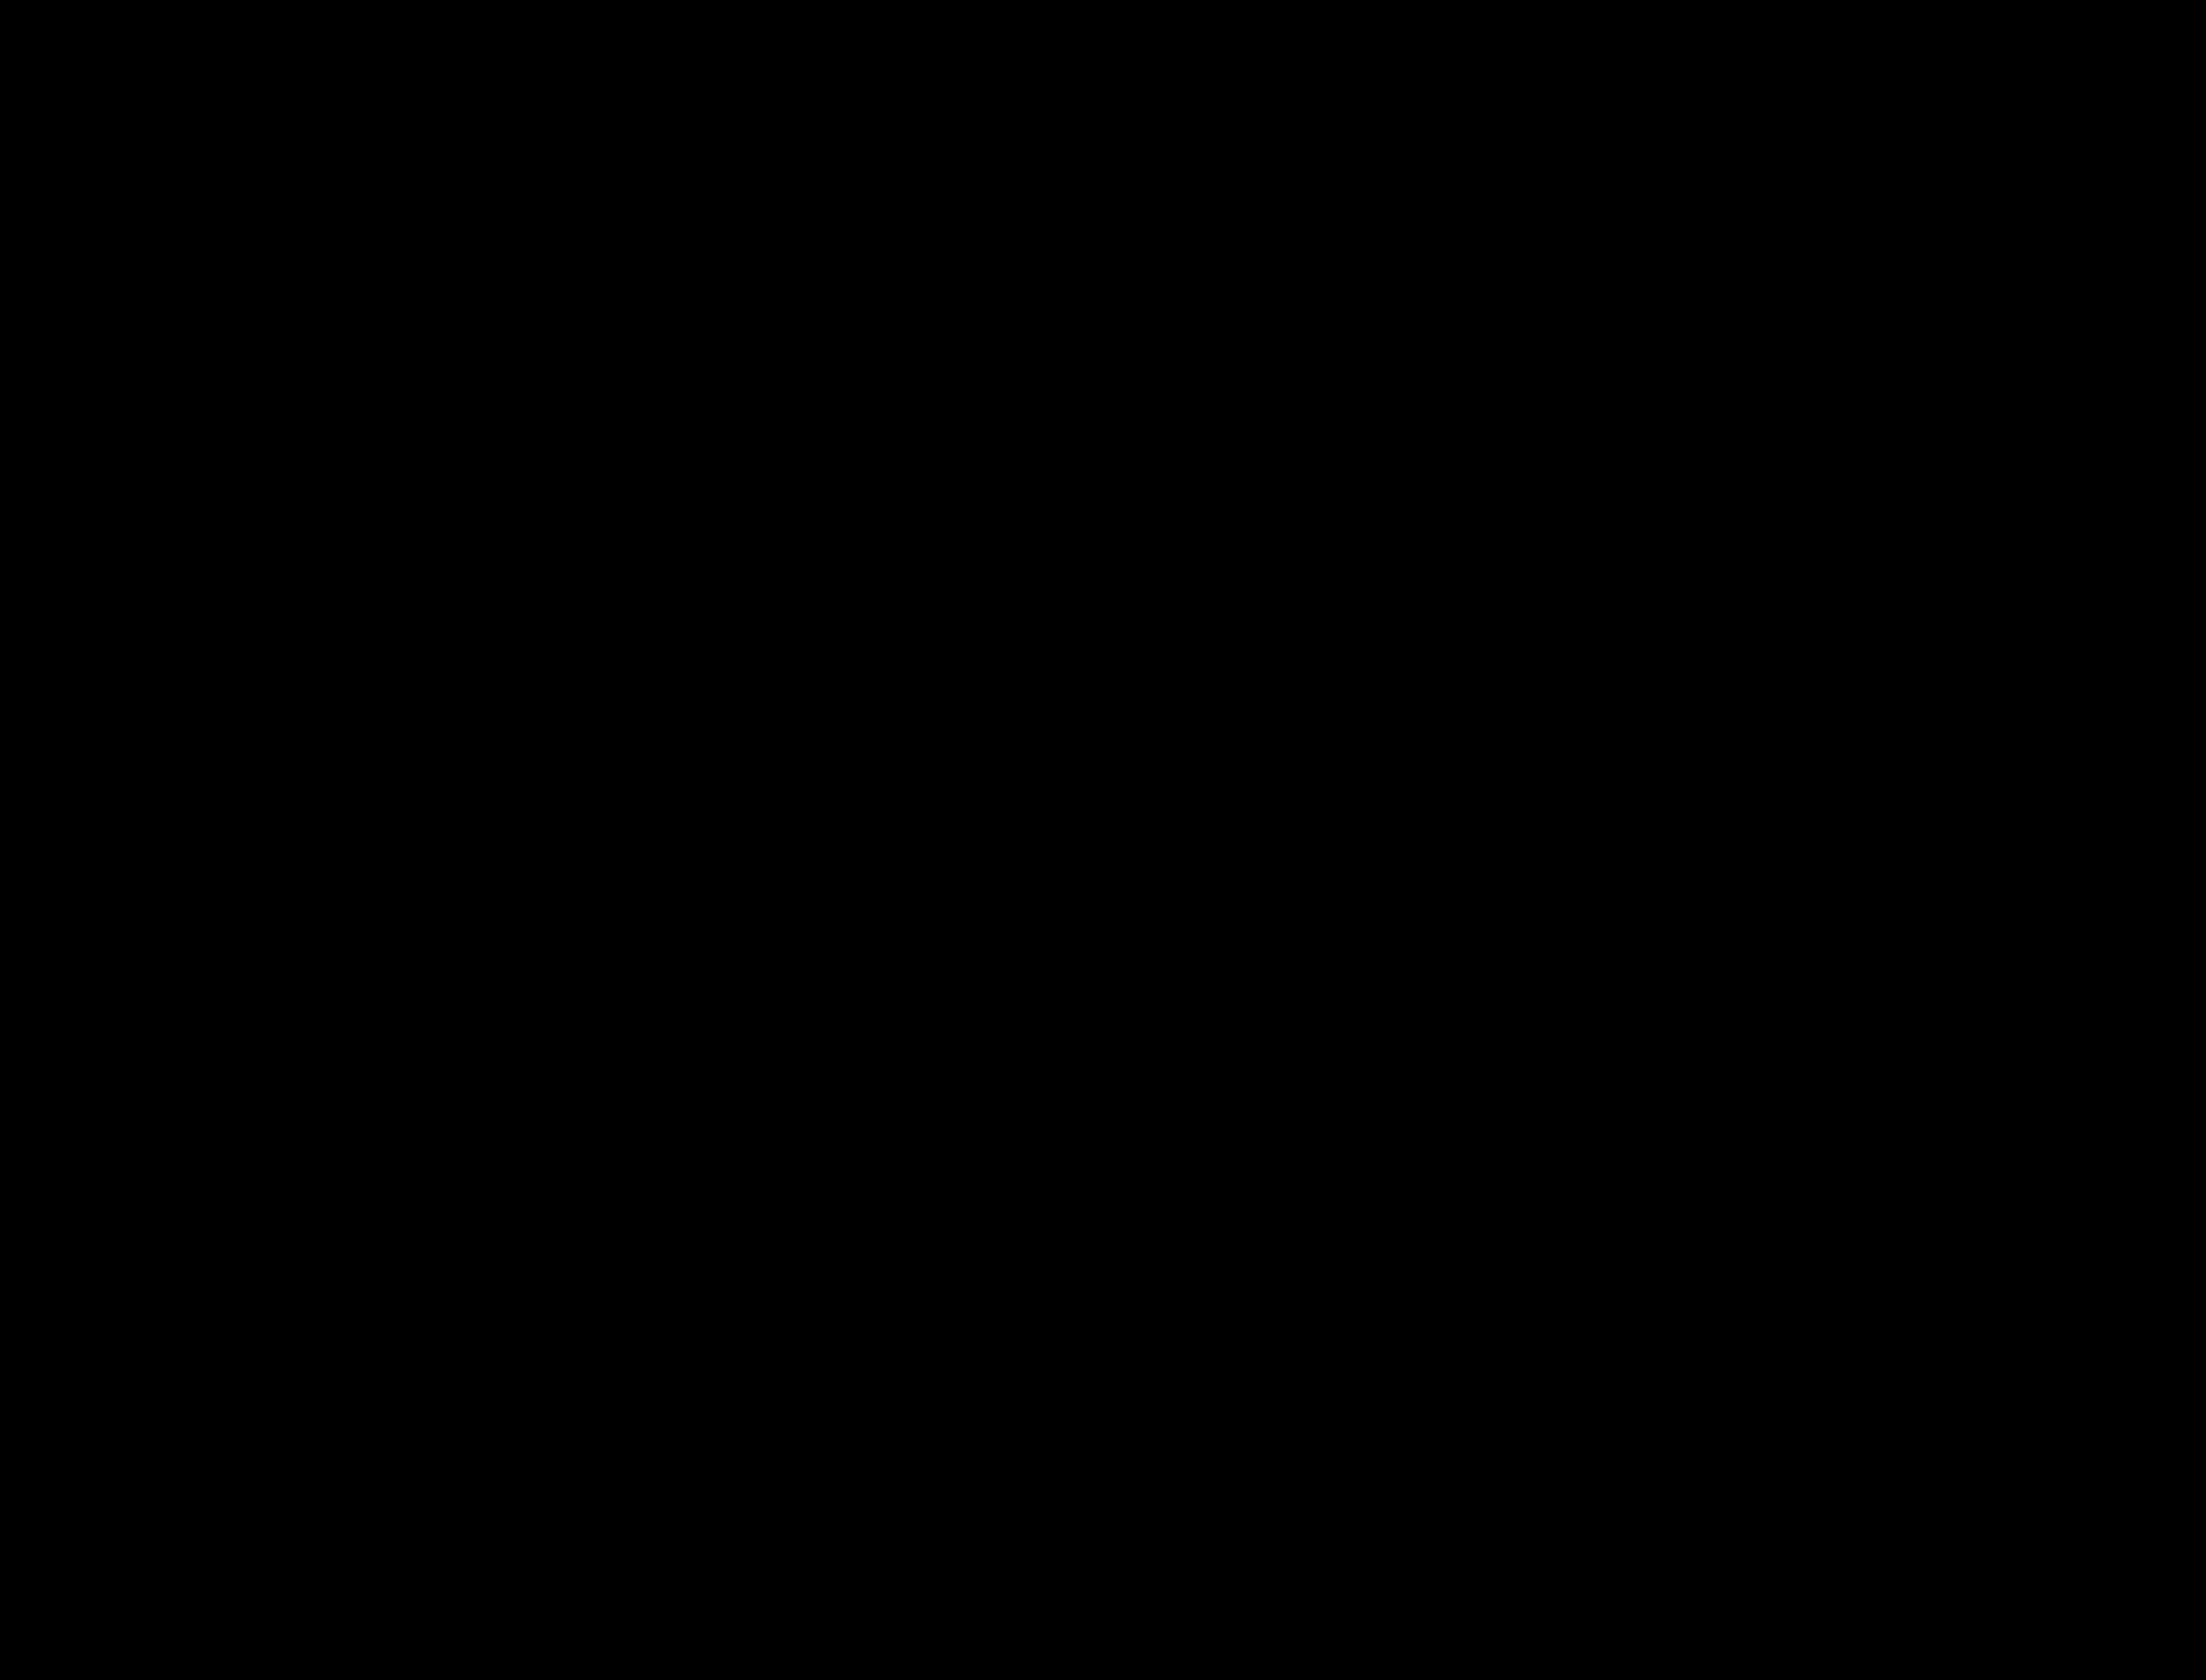 Silhouette clip art at. Clipart designs camera